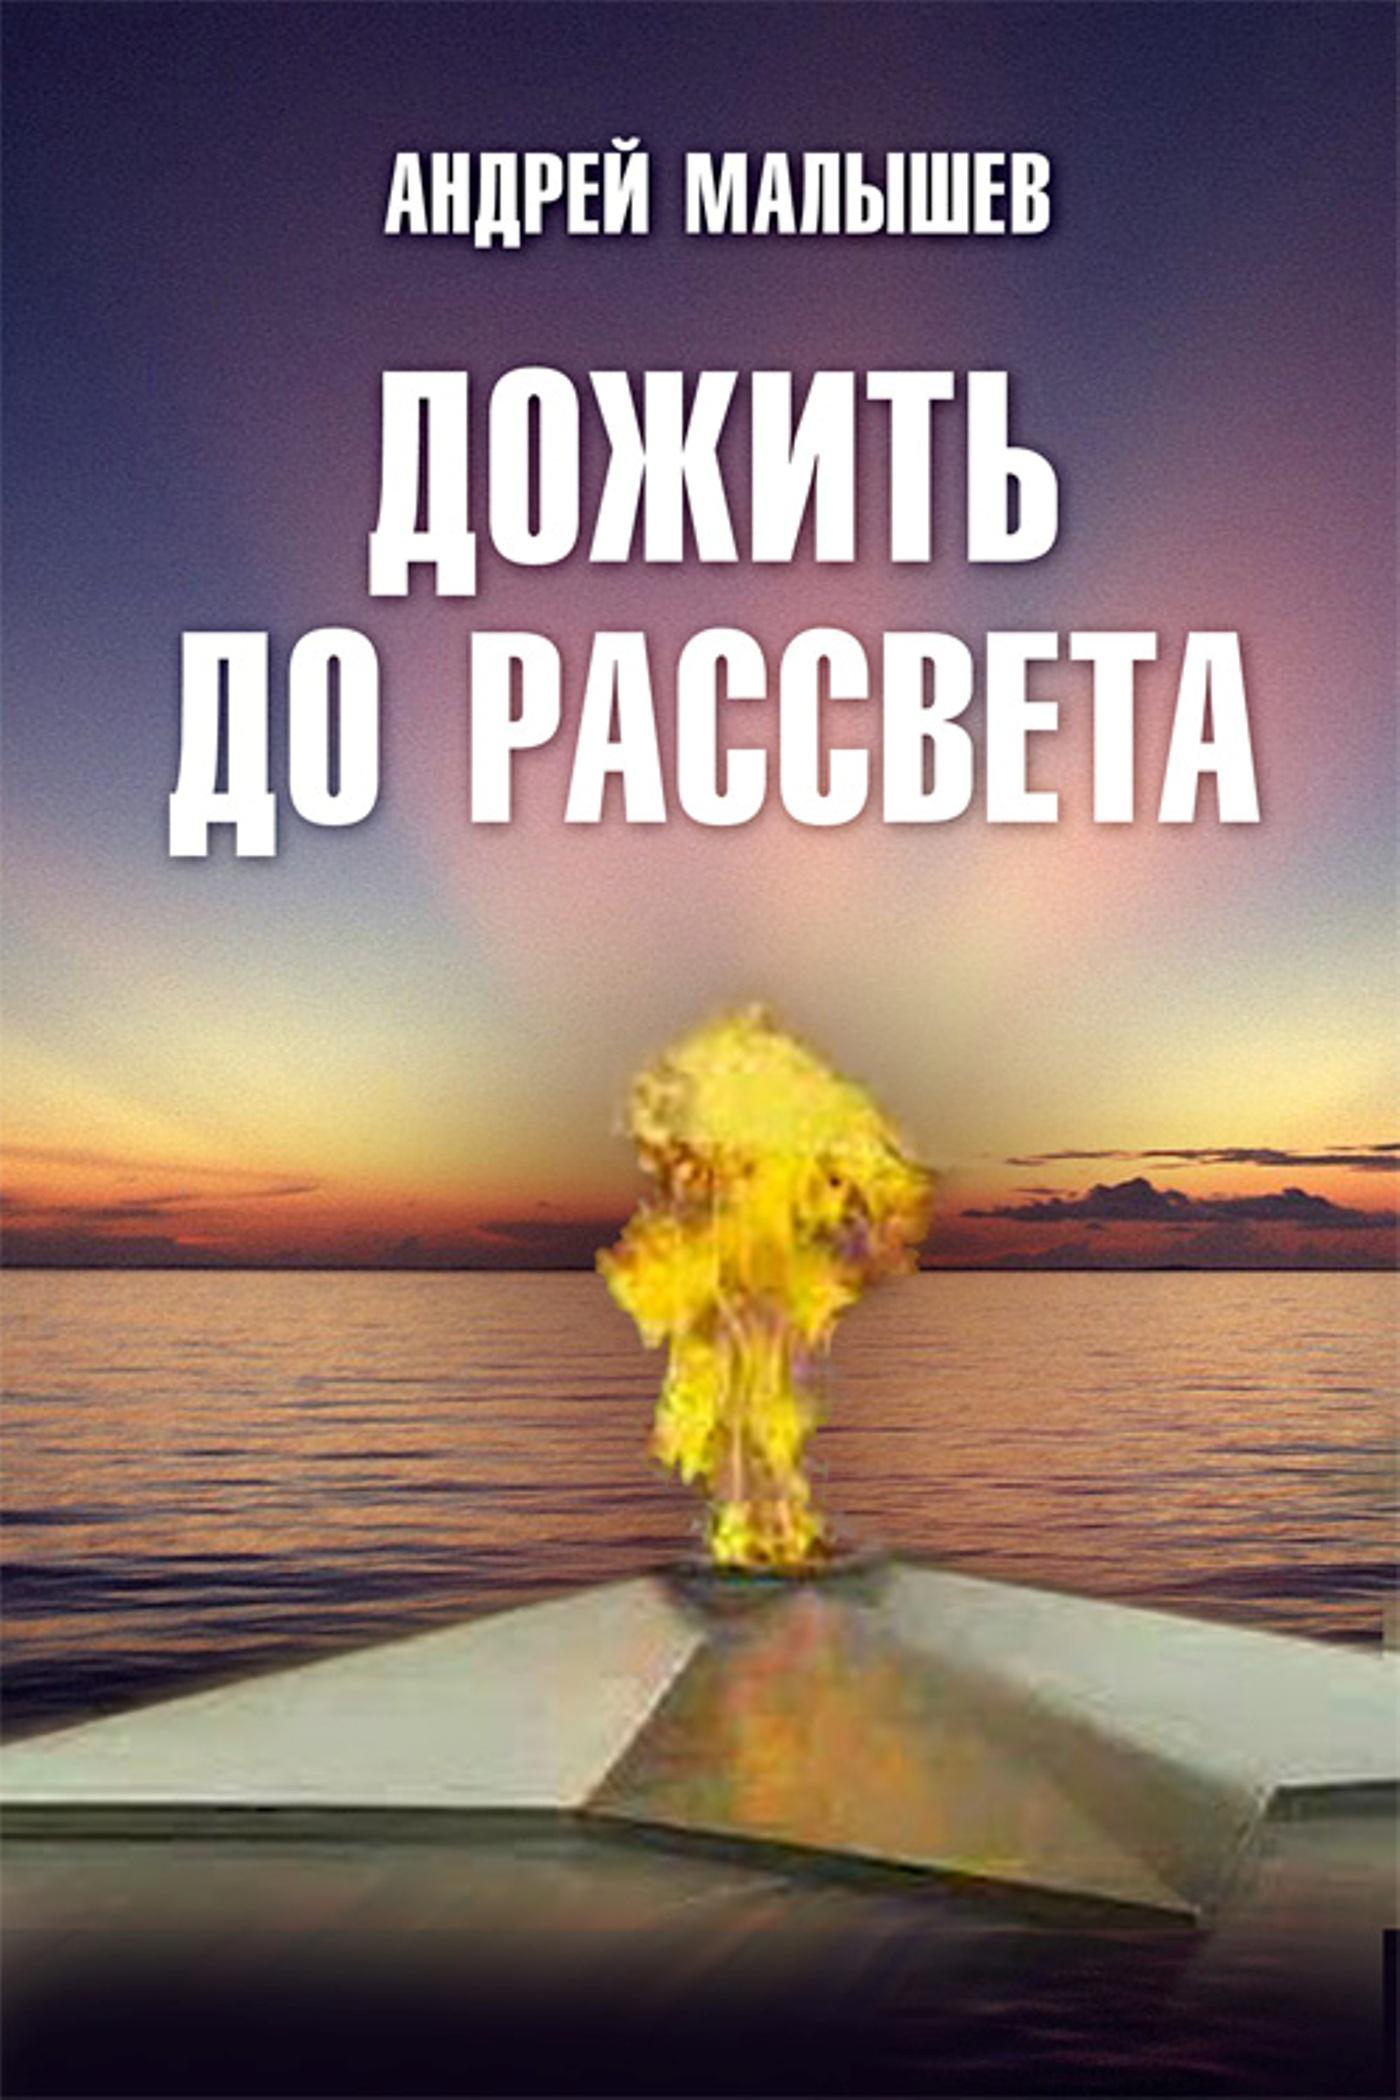 Андрей Малышев Дожить до рассвета андрей негривода подвиг в прайс не забьешь